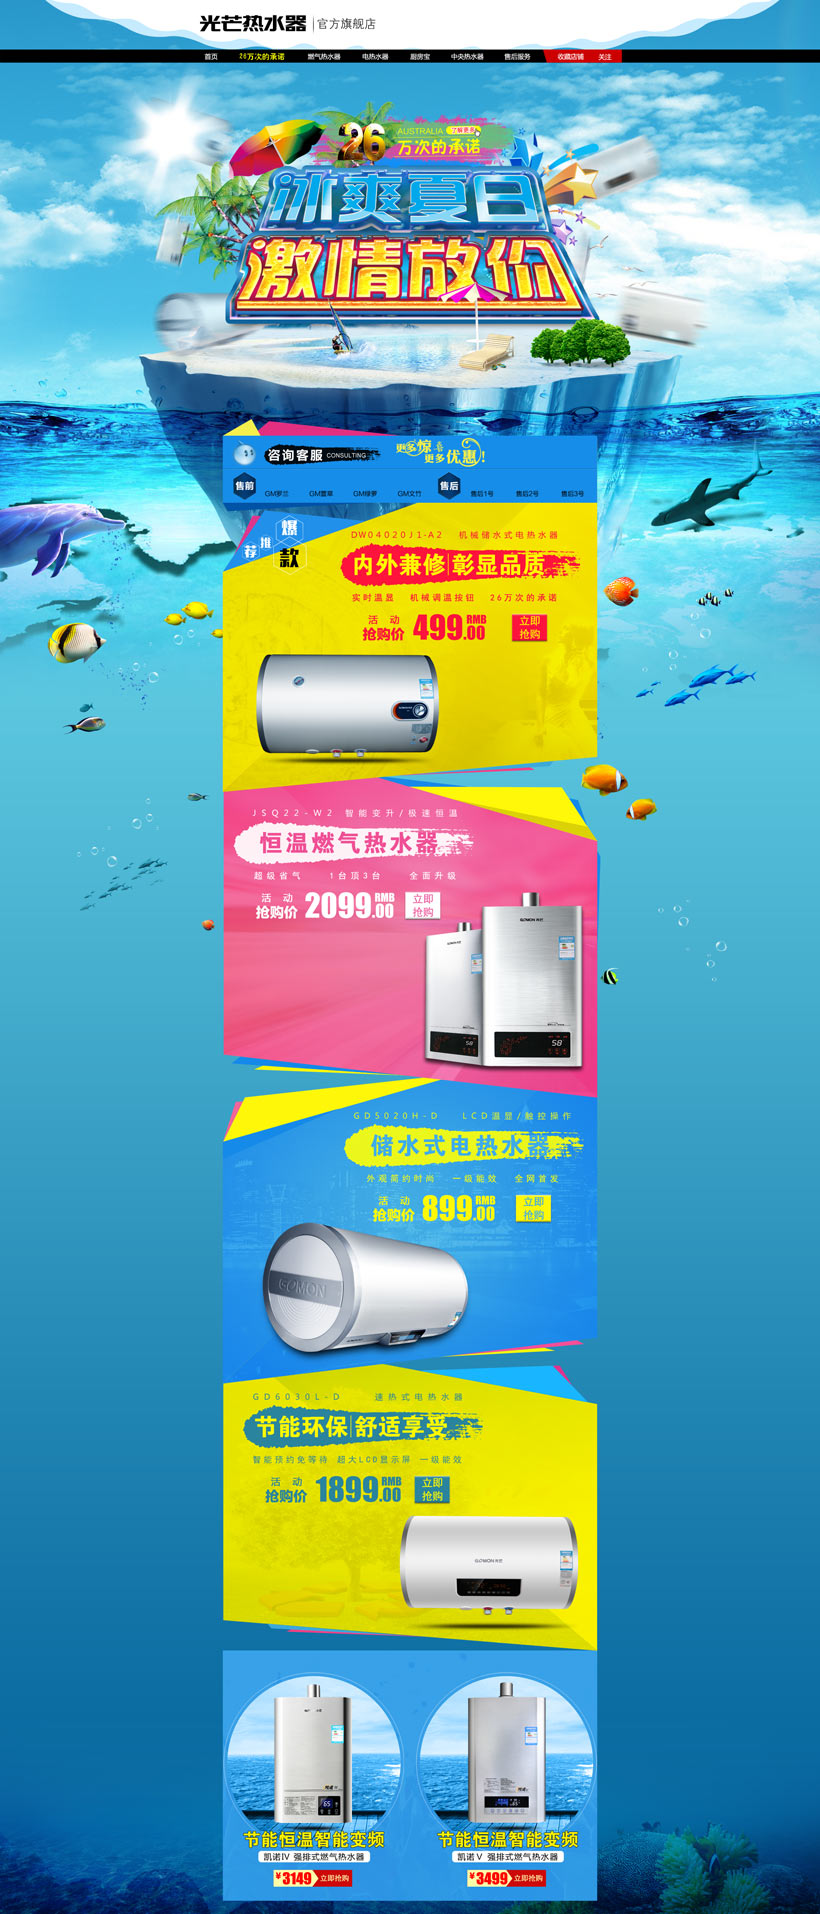 淘寶夏日熱水器促銷頁面設計psd素材